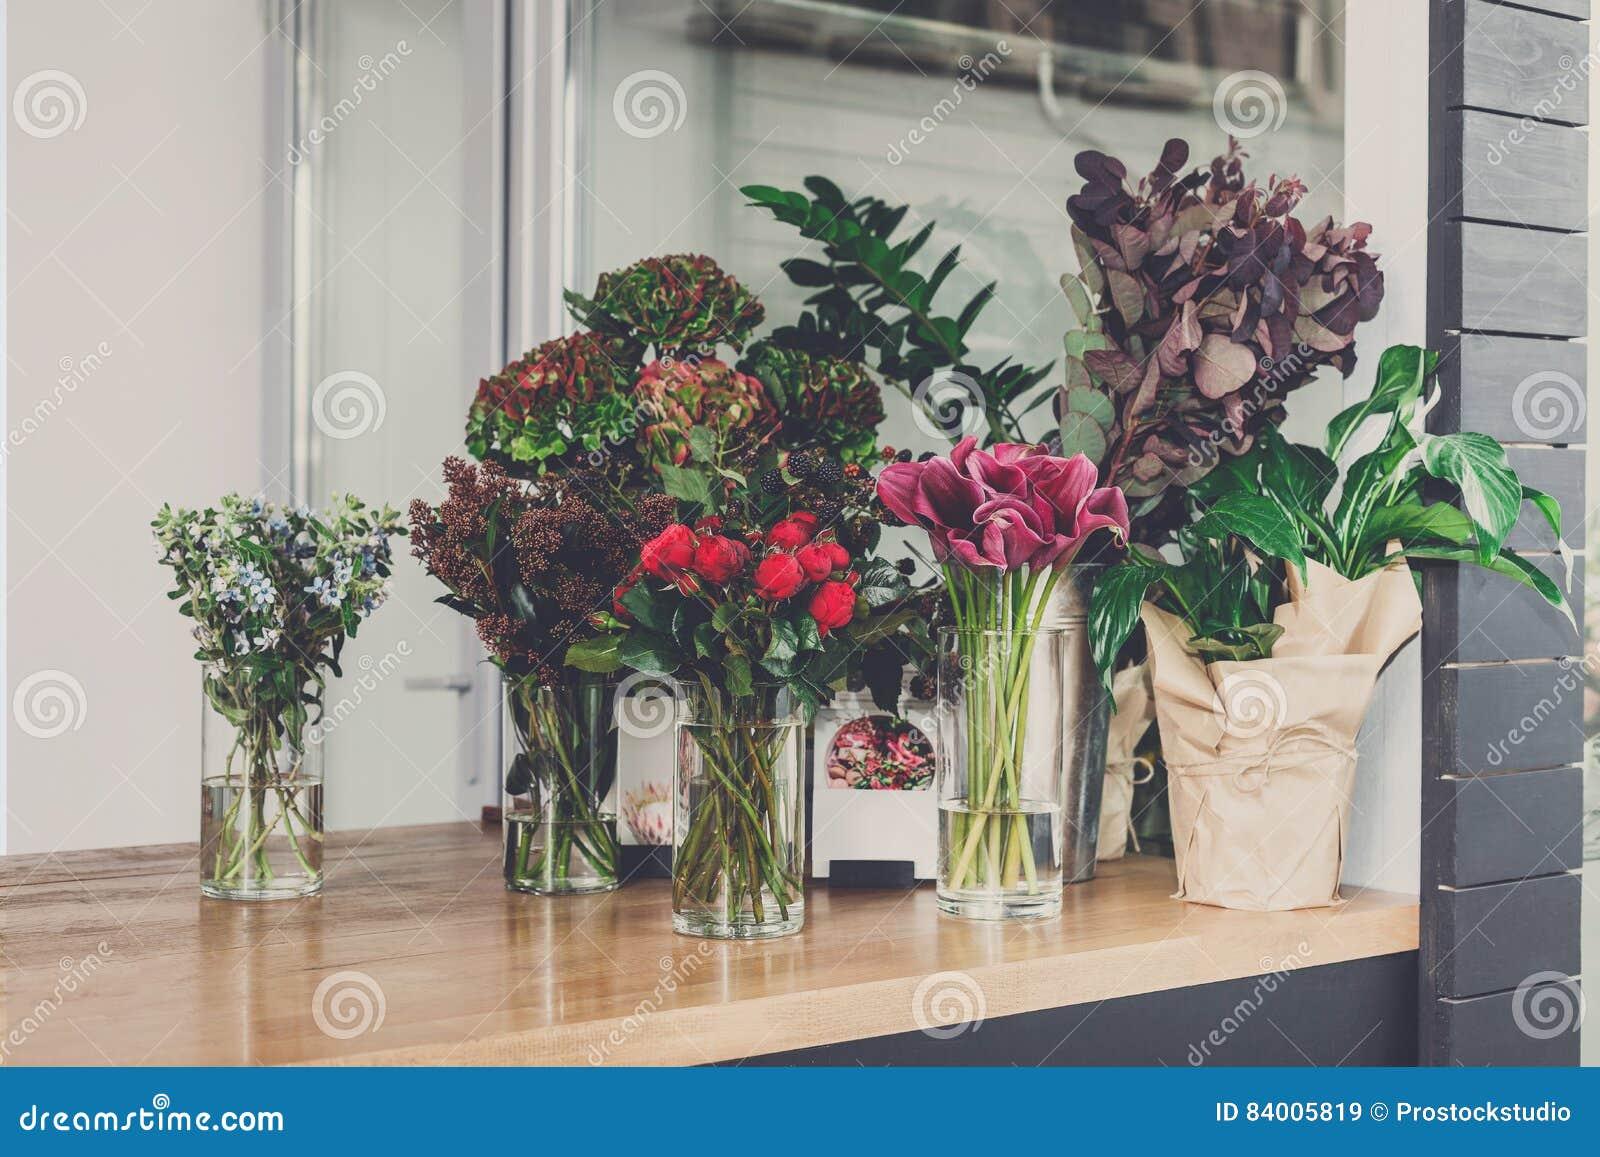 Εσωτερική, μικρή επιχείρηση ανθοπωλείων του floral στούντιο σχεδίου